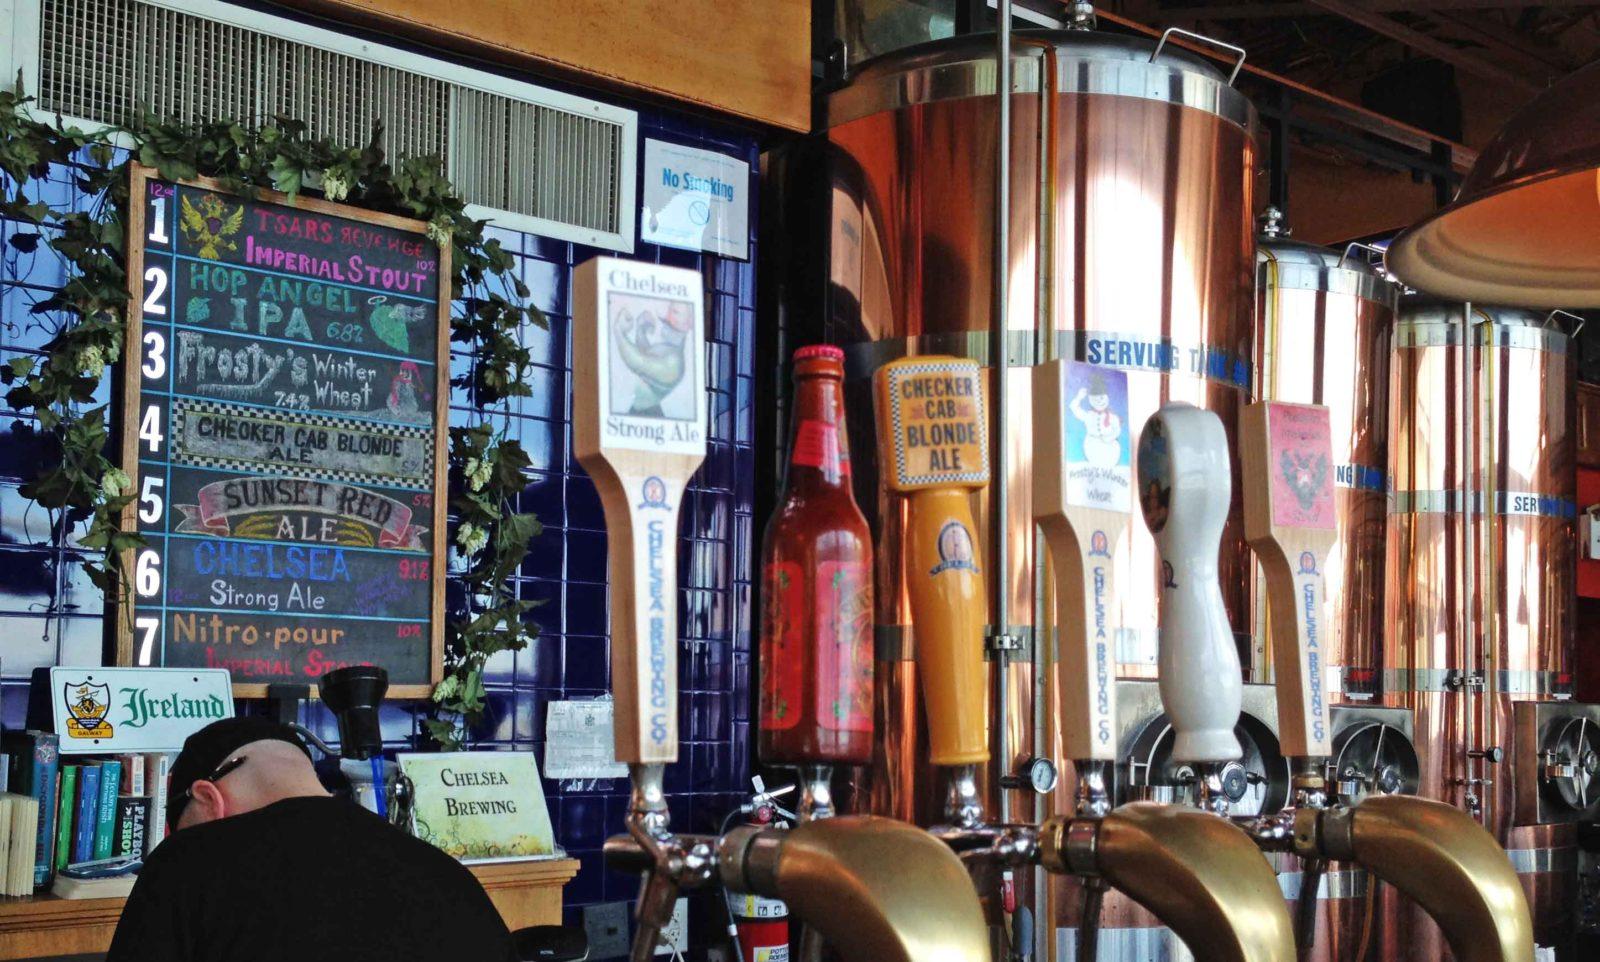 189. Chelsea Brewing Company, New York NY 2014